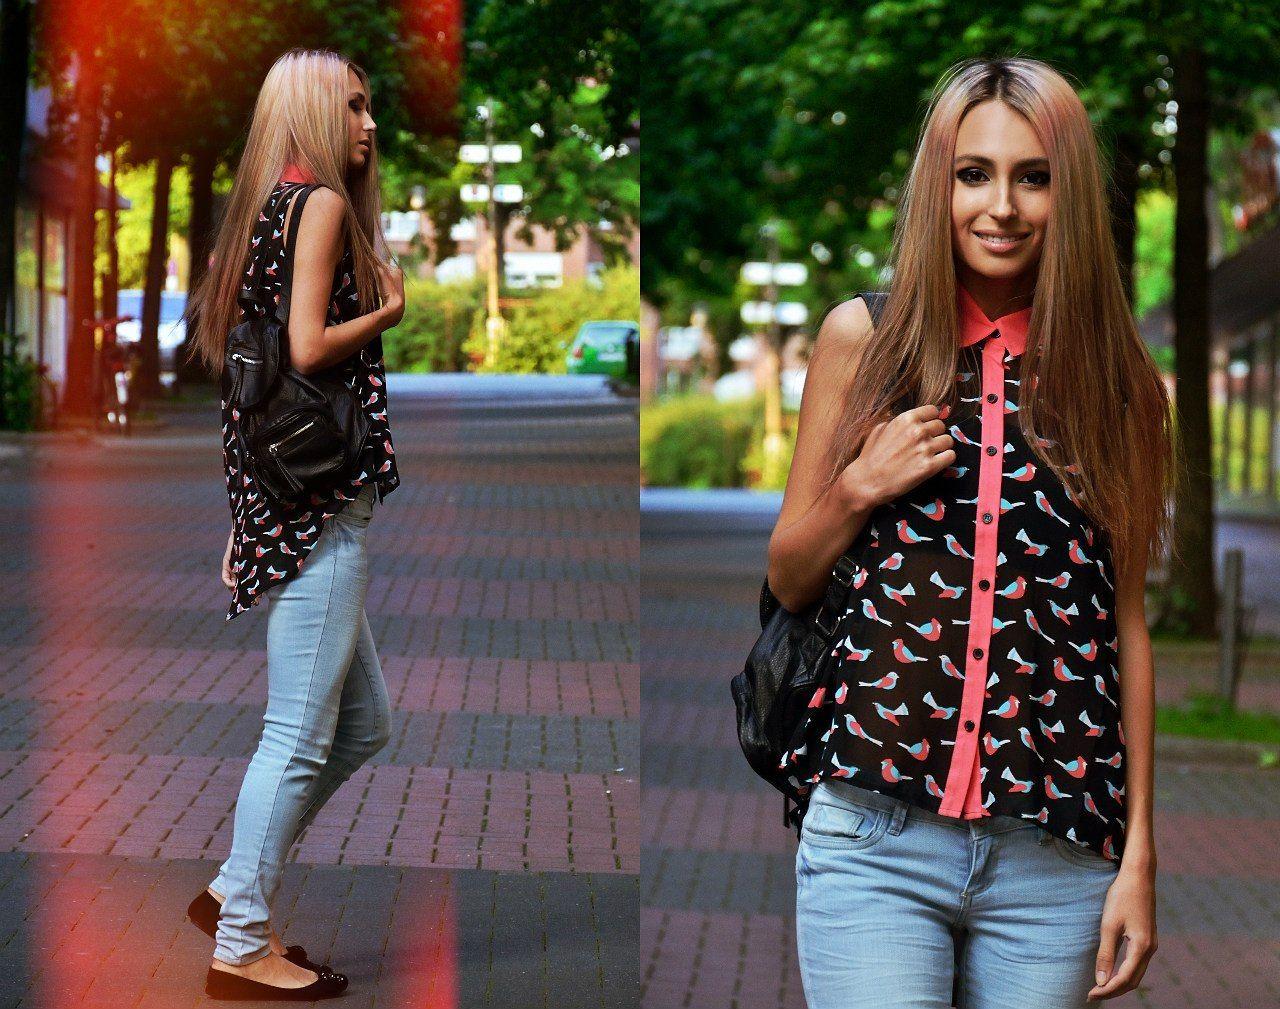 Девушка с длинными ресницами фото